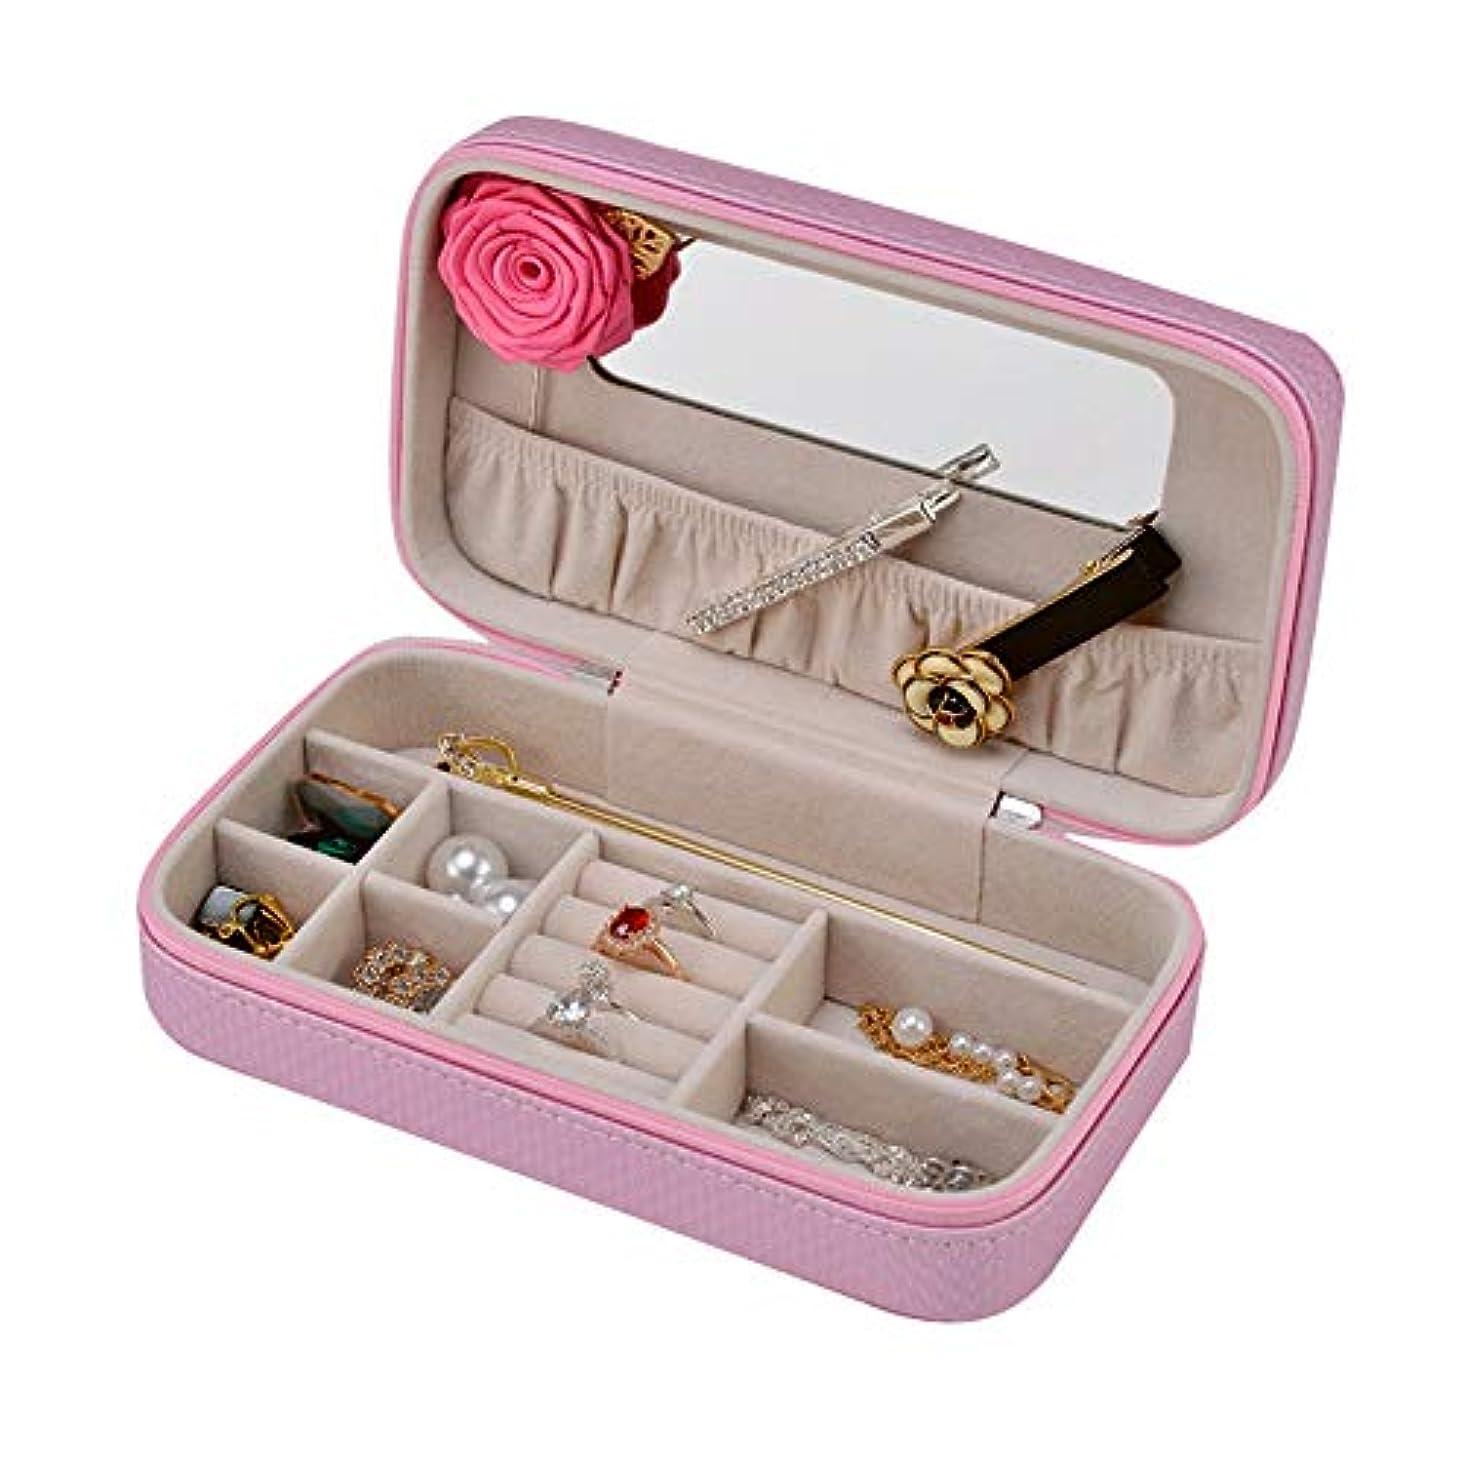 大陸ショッピングセンター同様の化粧オーガナイザーバッグ 丈夫な女性のジュエリーのストレージの木箱小物のストレージのための 化粧品ケース (色 : 紫の)